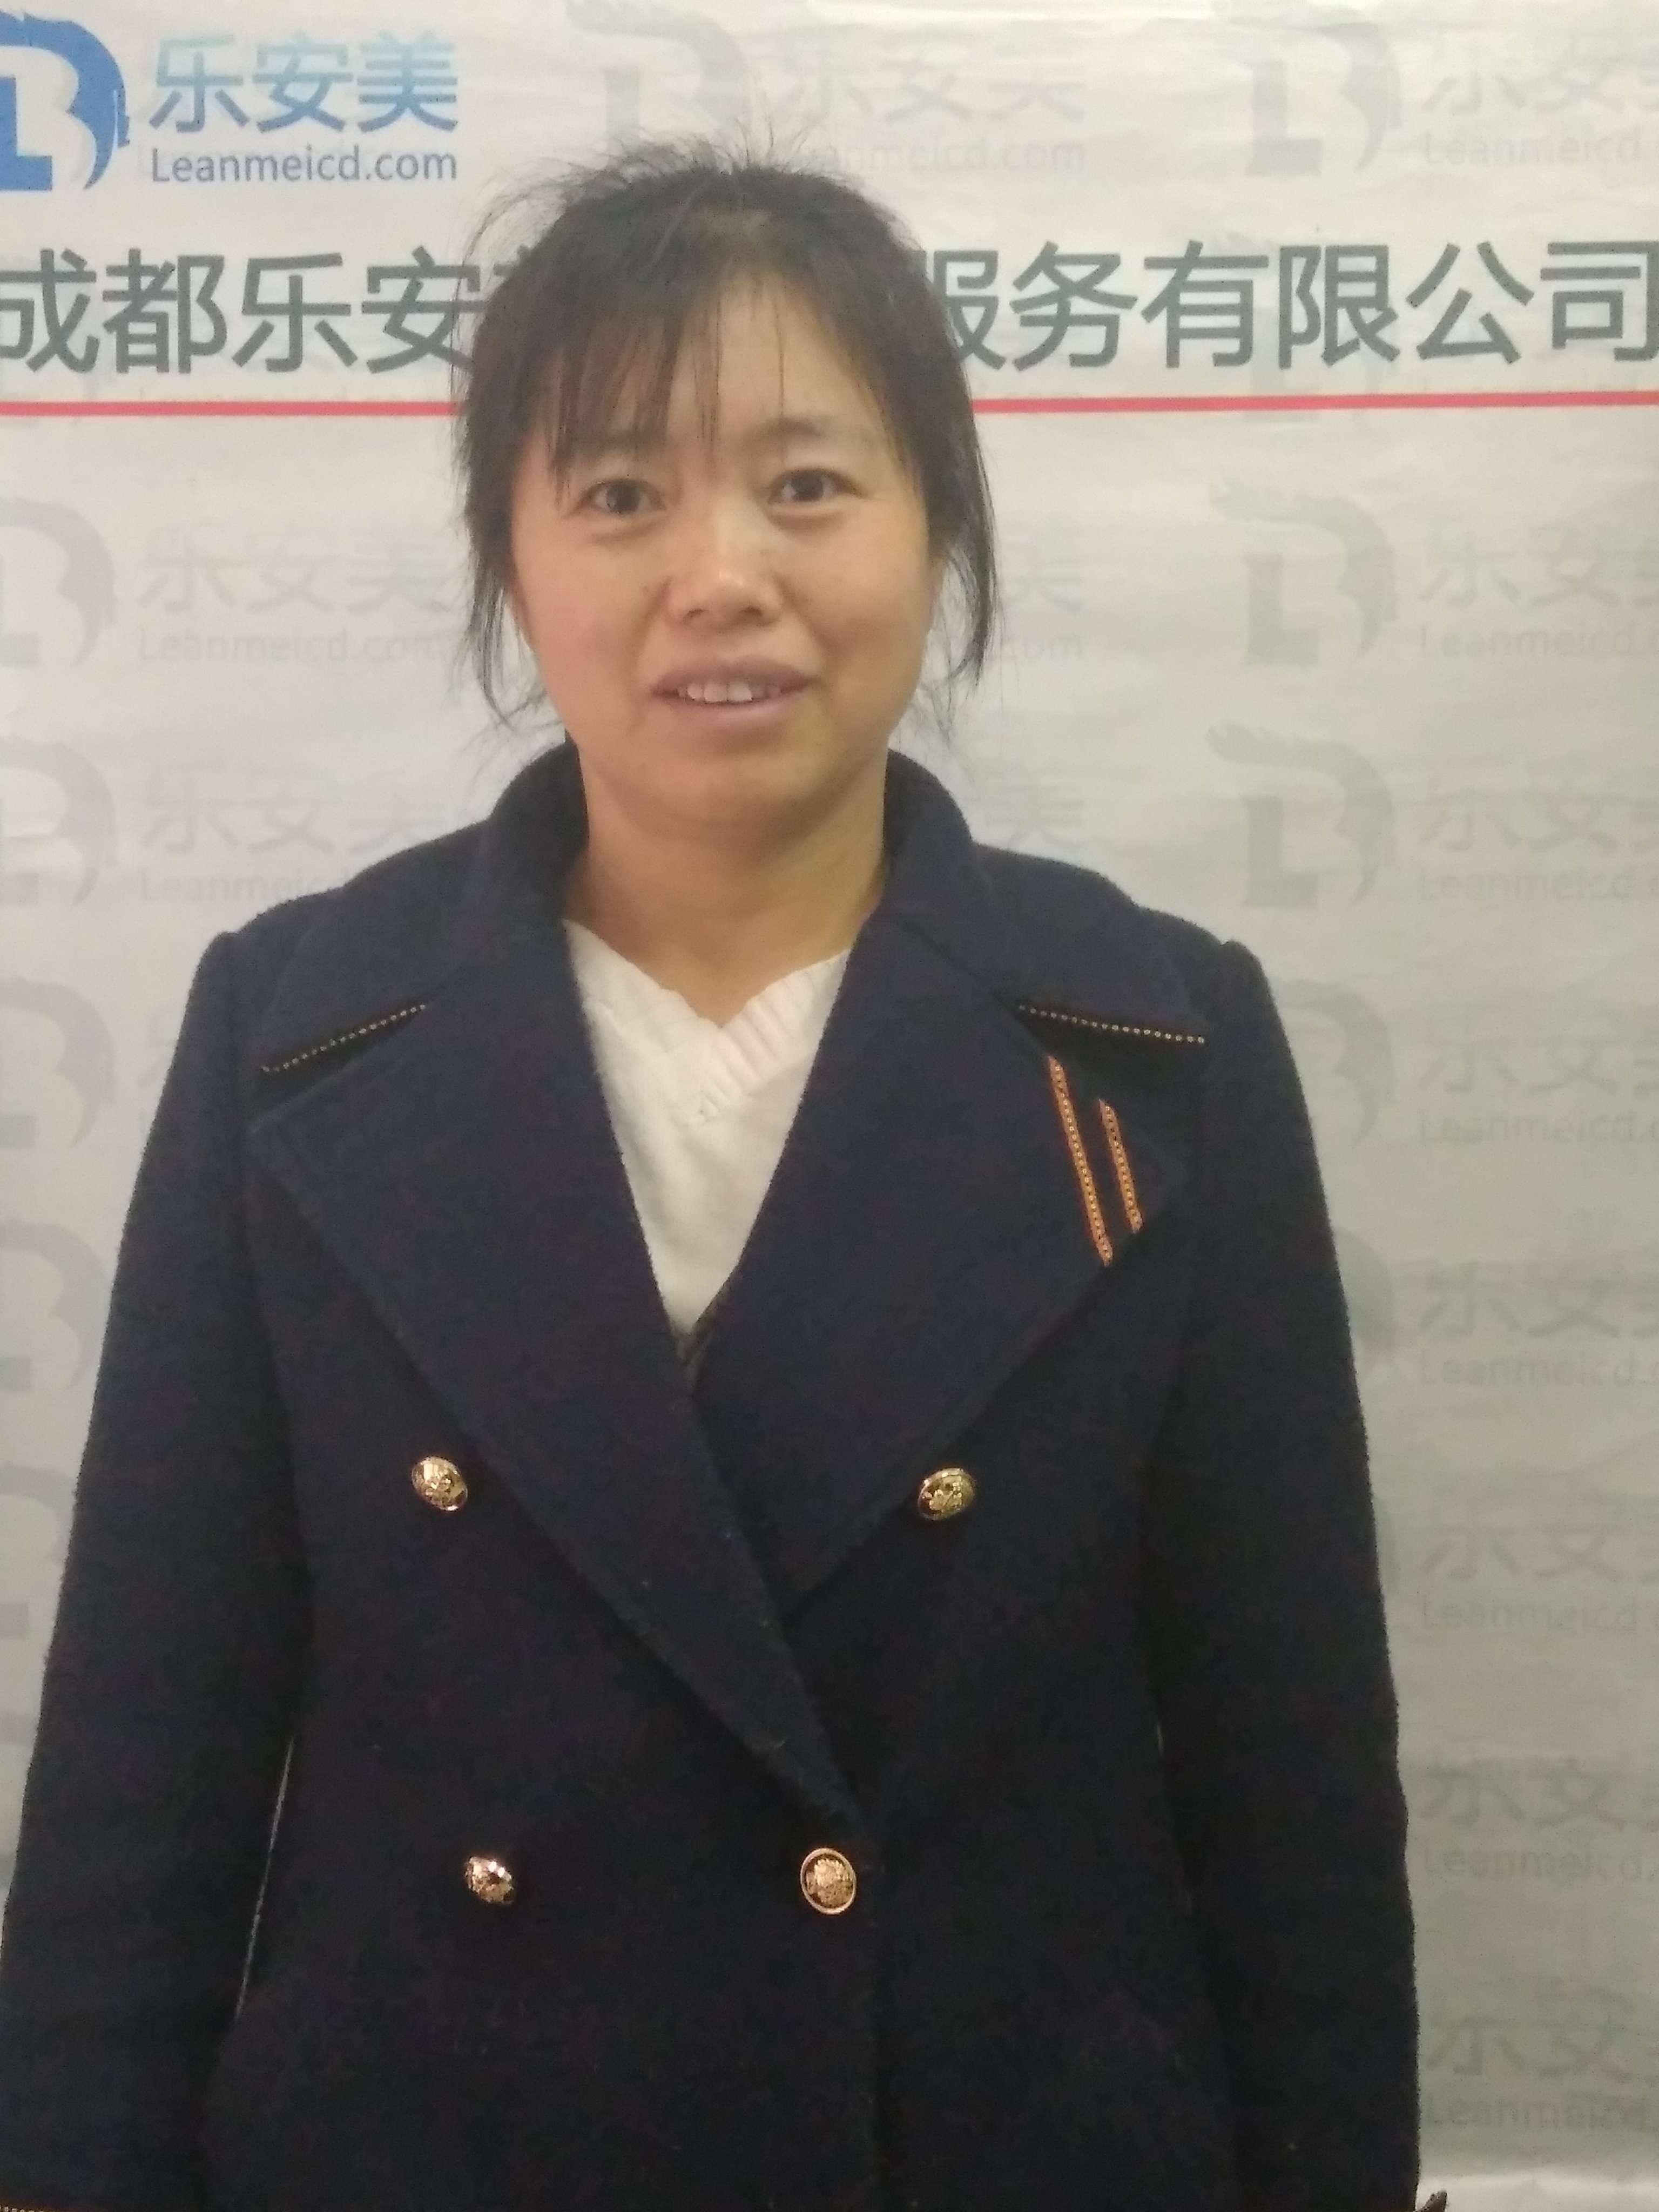 陈小红 - 成都乐安美家政服务有限公司